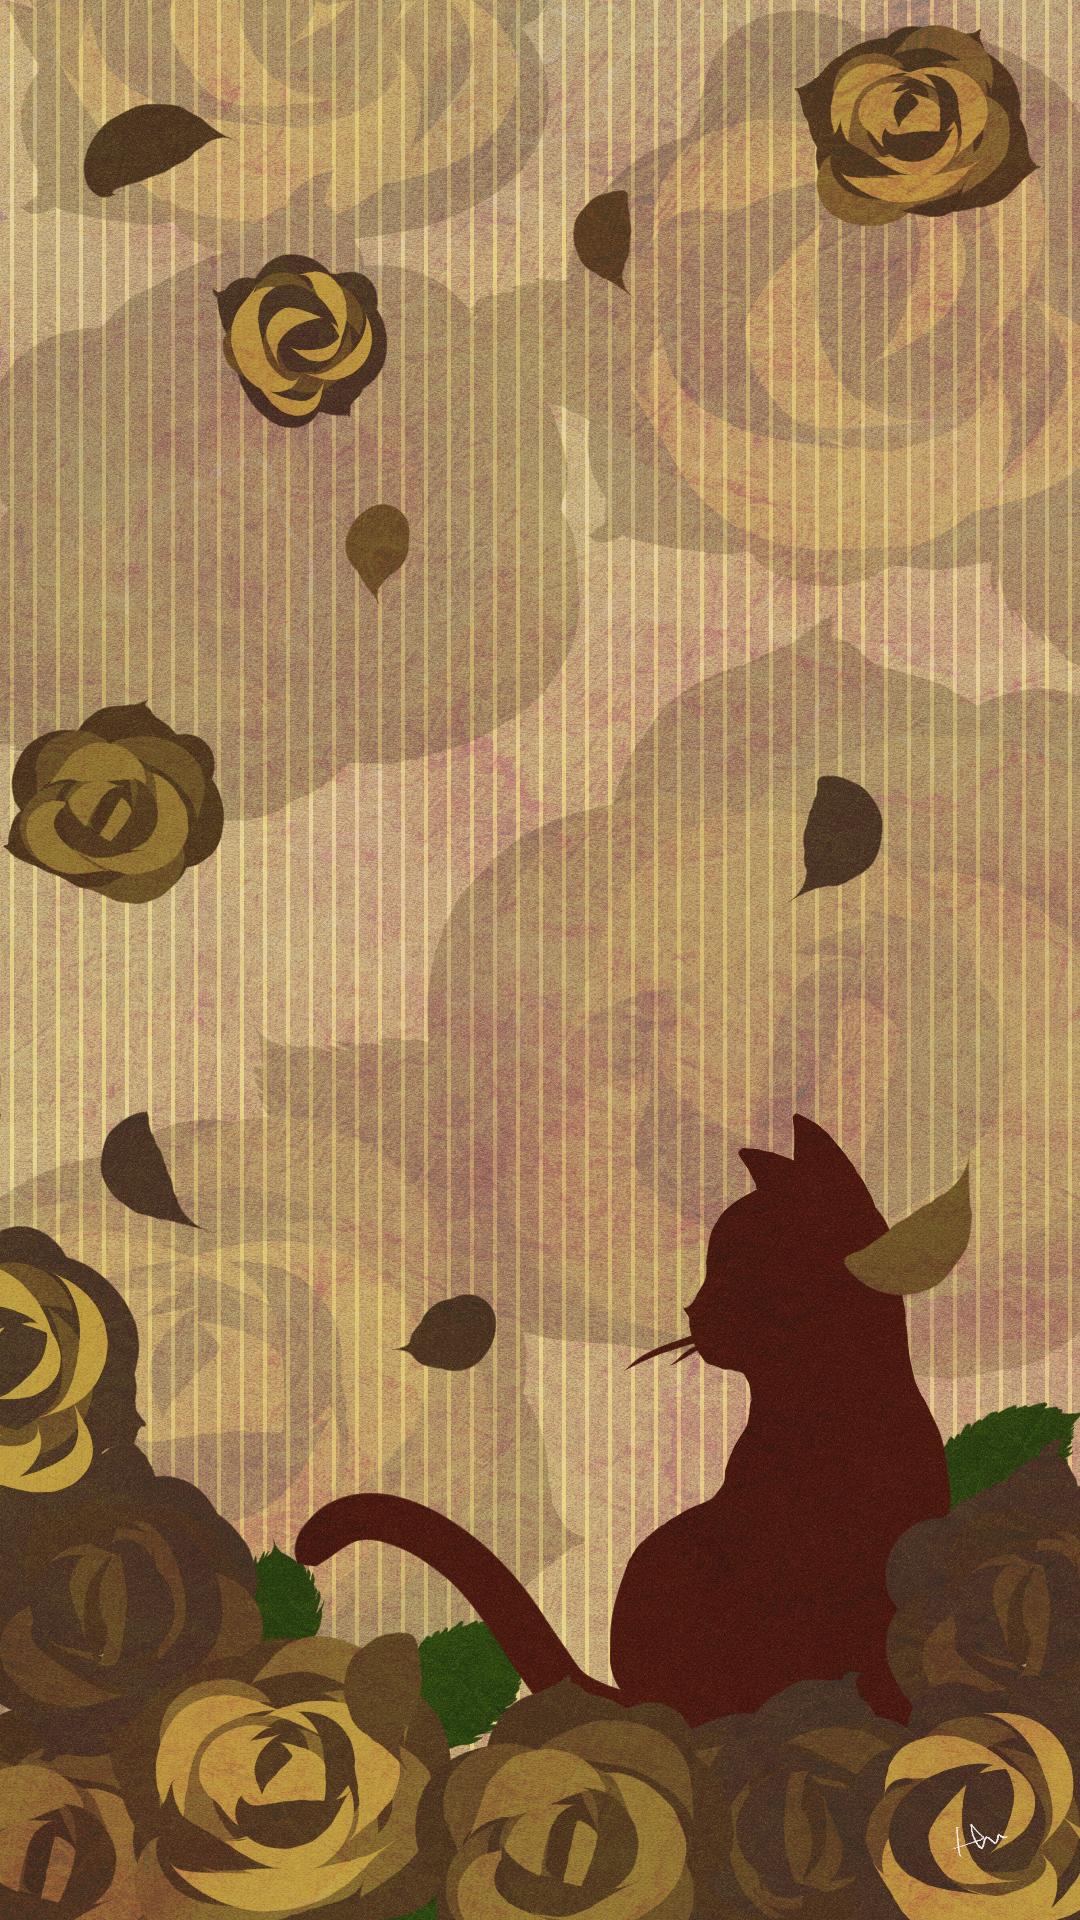 スマホ用壁紙たたずむ猫とバラの花セピア